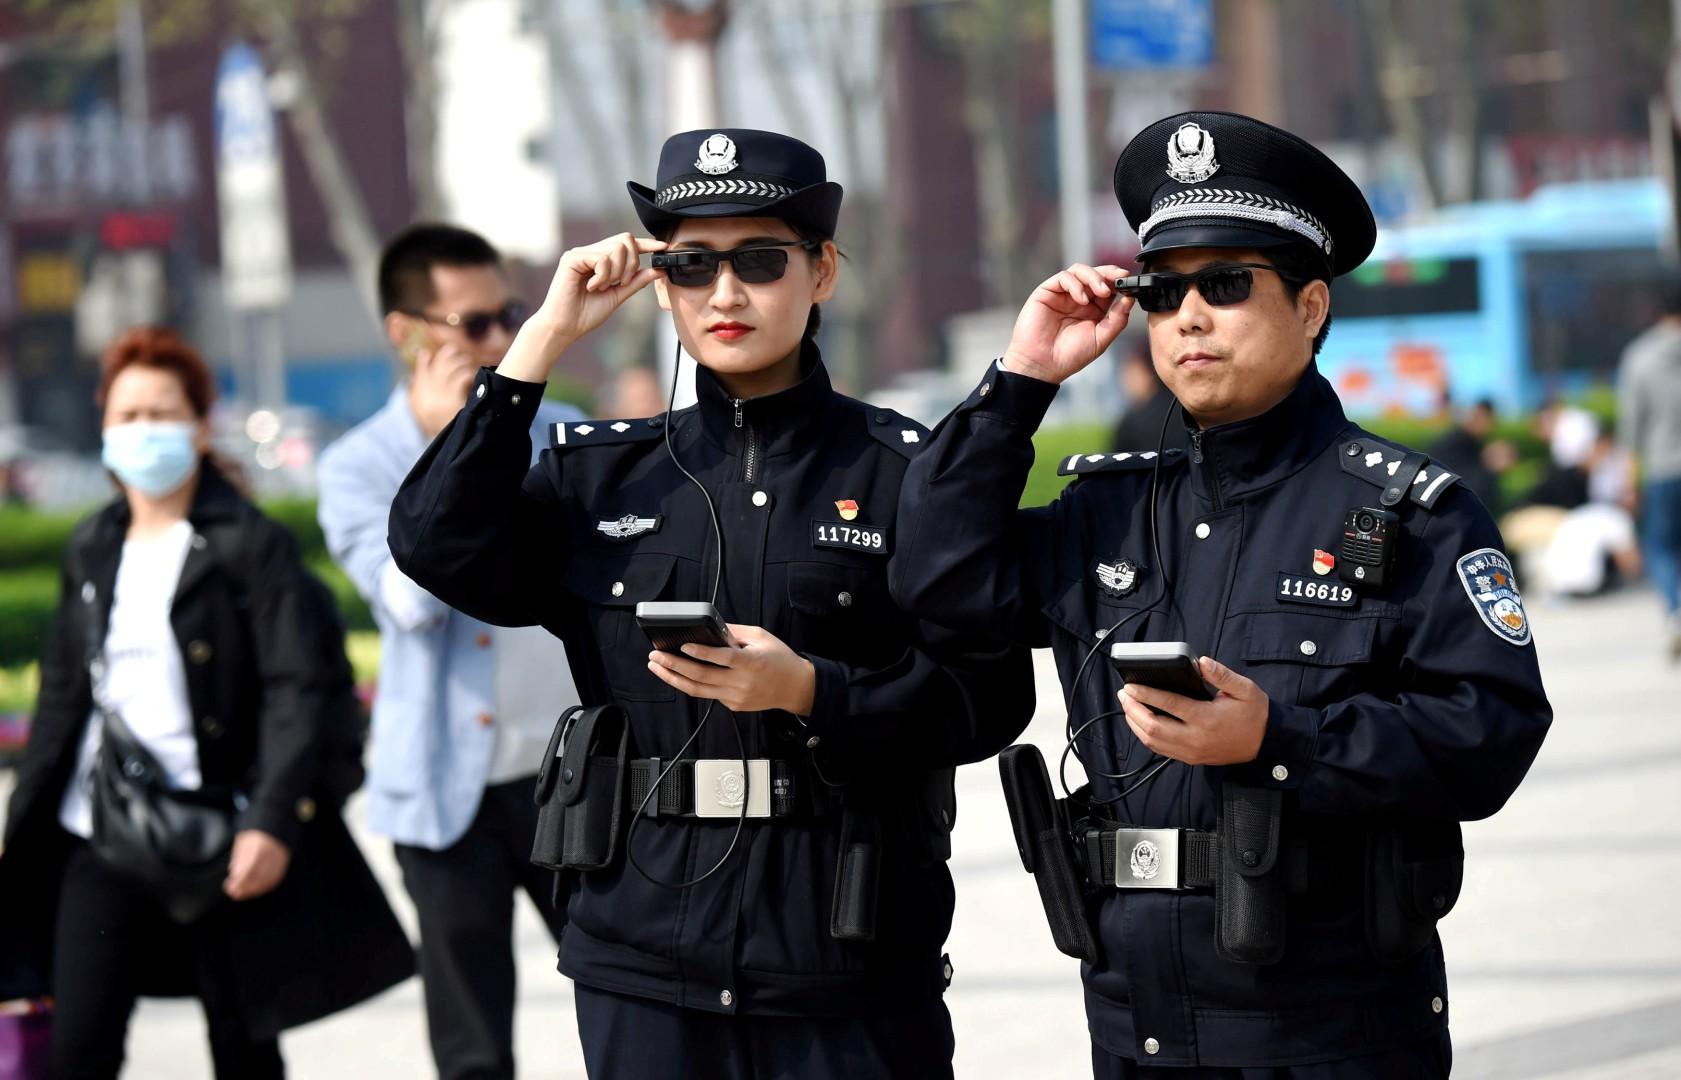 Téléphones portables sur écoute : tous fichés ?